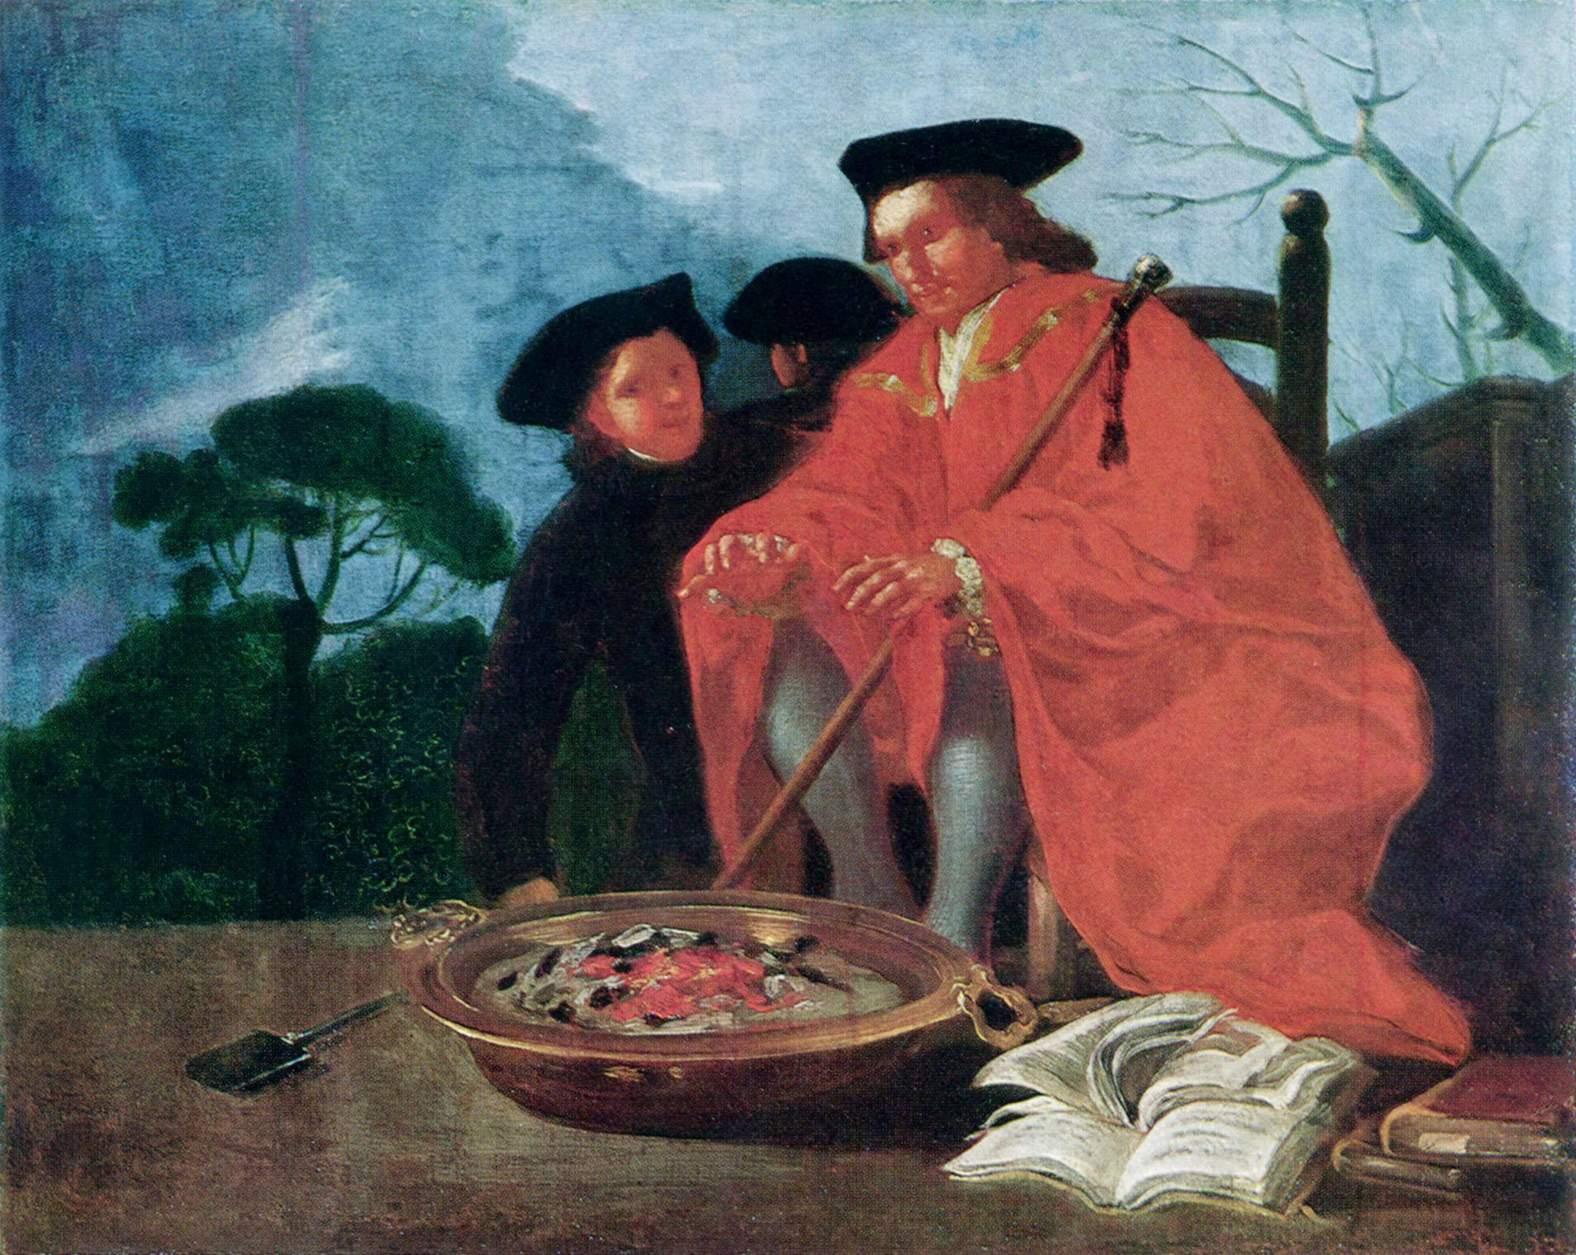 a biography of francisco jose de goya y lucientes